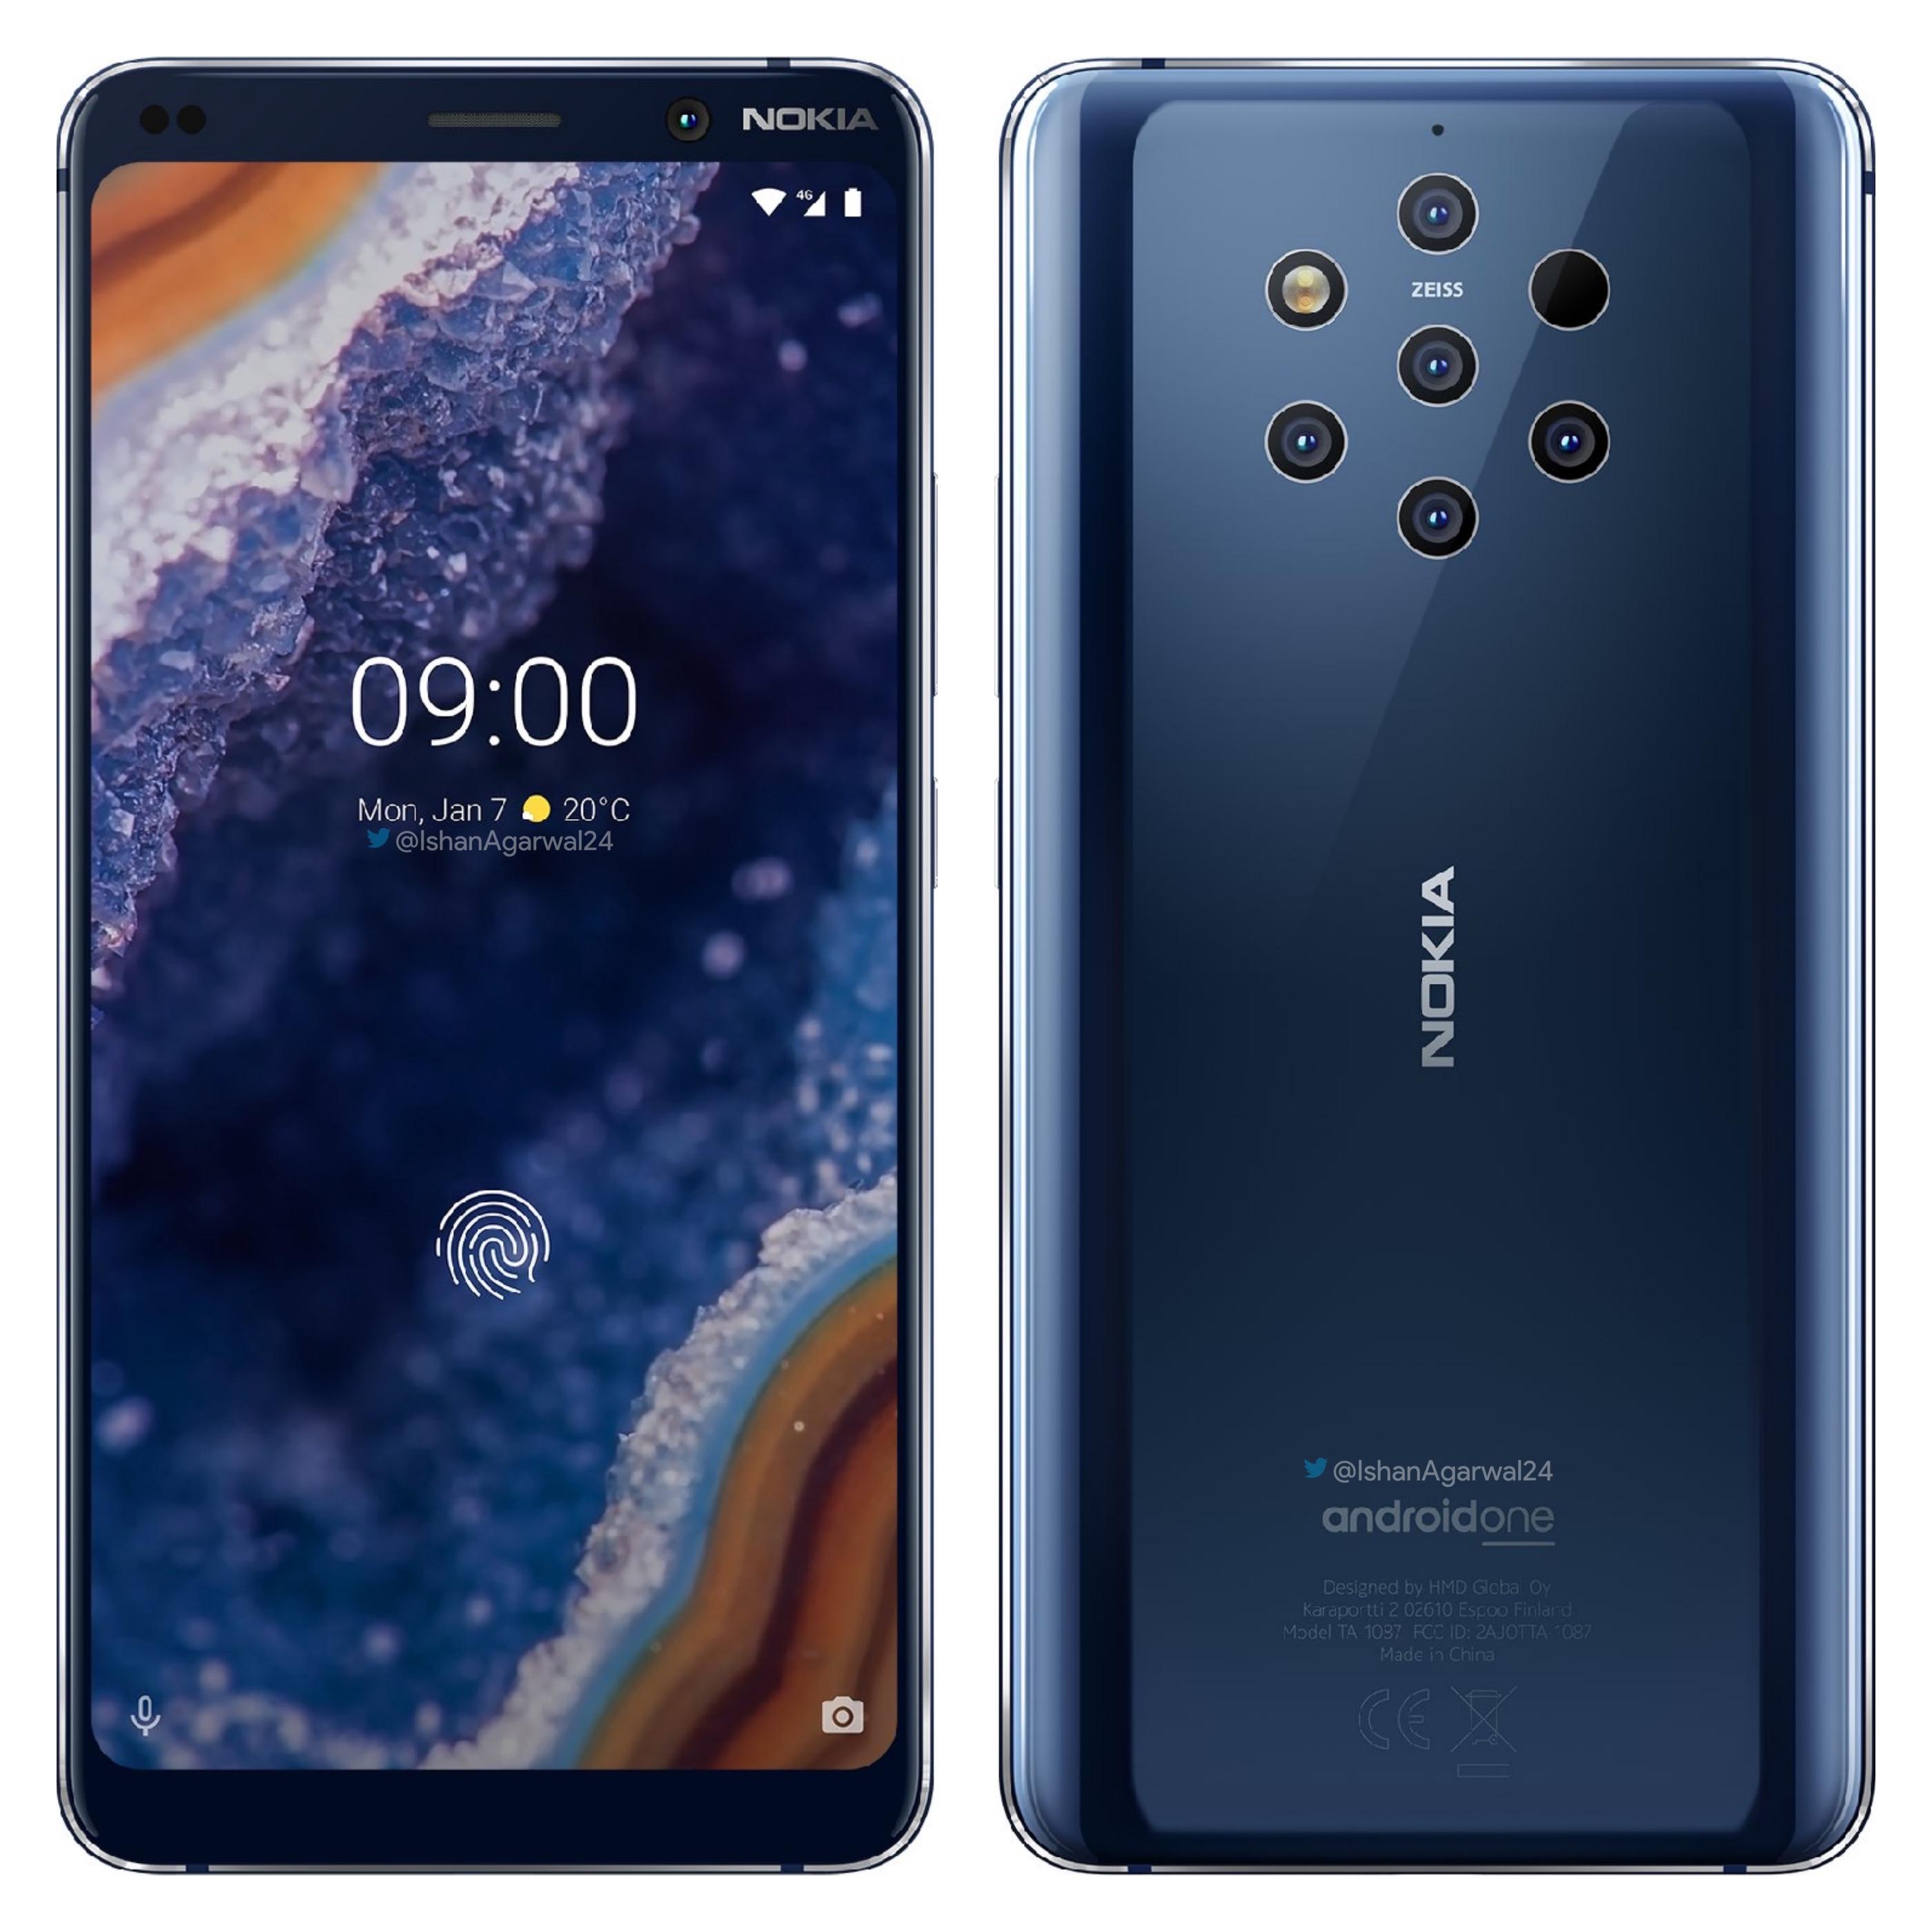 Rumor: Nokia 9 at €599, Nokia 4 2 at €199, Nokia 3 2 at €149 and